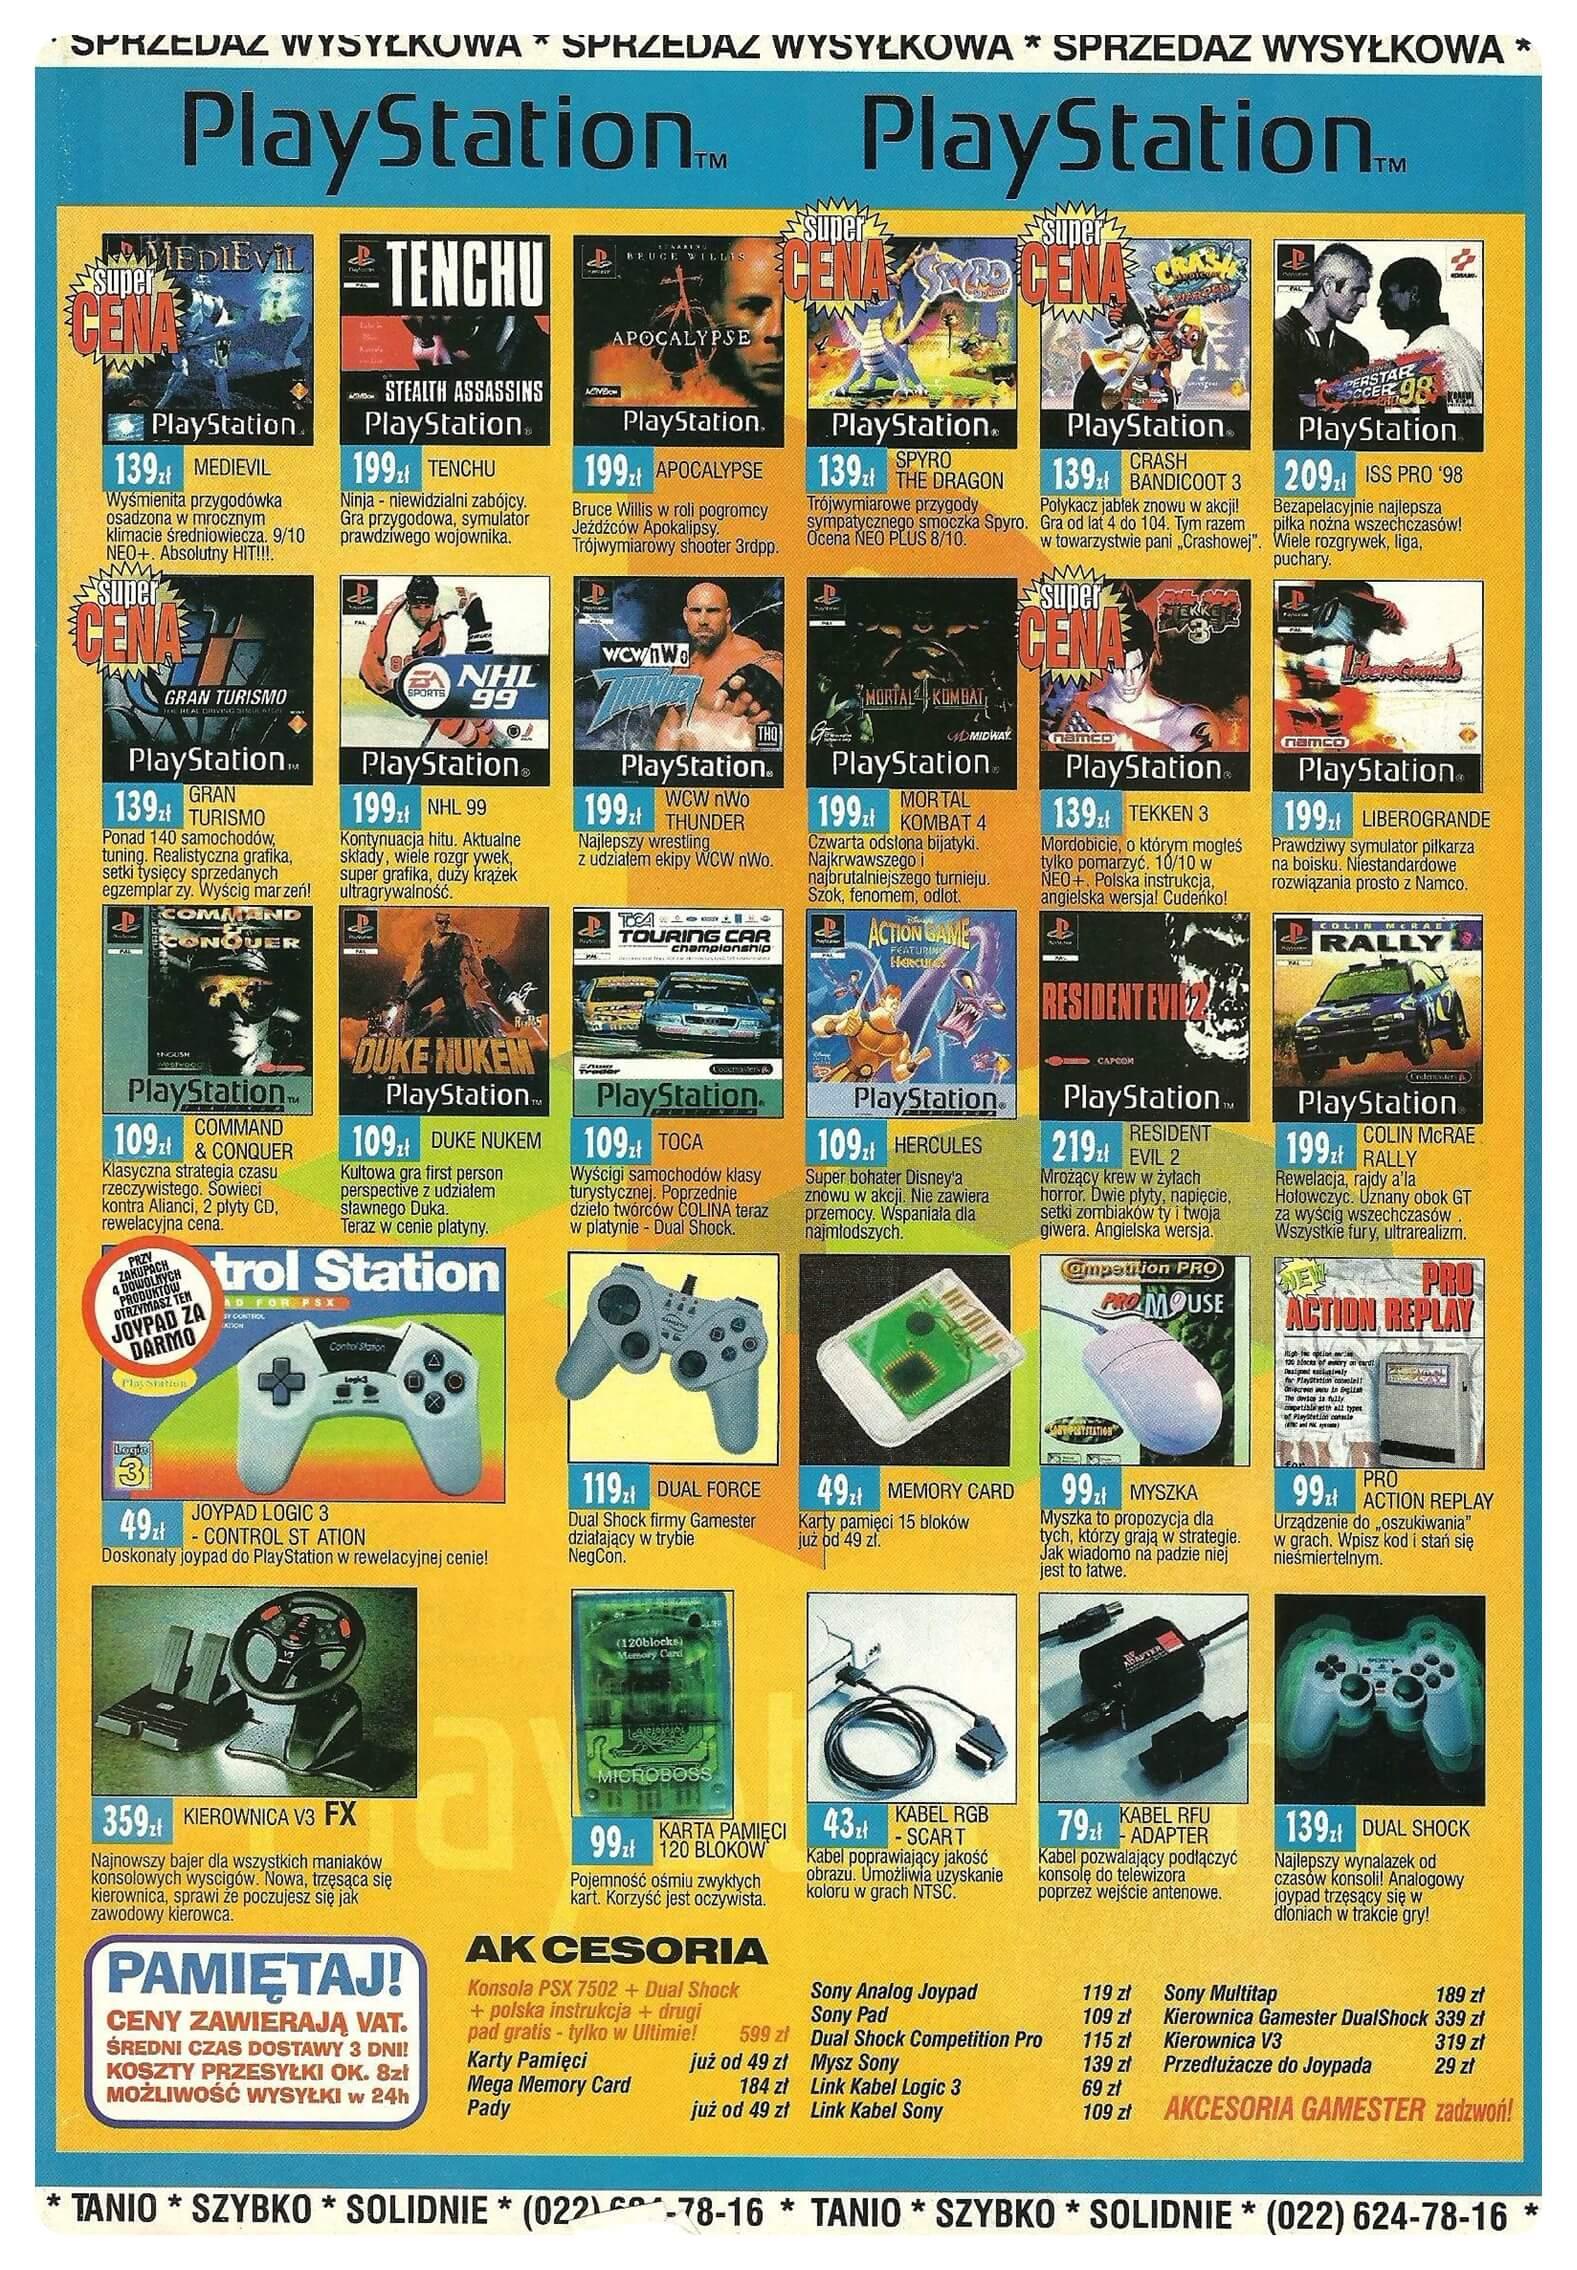 Neo Plus nr 011 199943q4 - Jak wyglądały ceny różnych konsol w Polsce w latach 1996-2006?